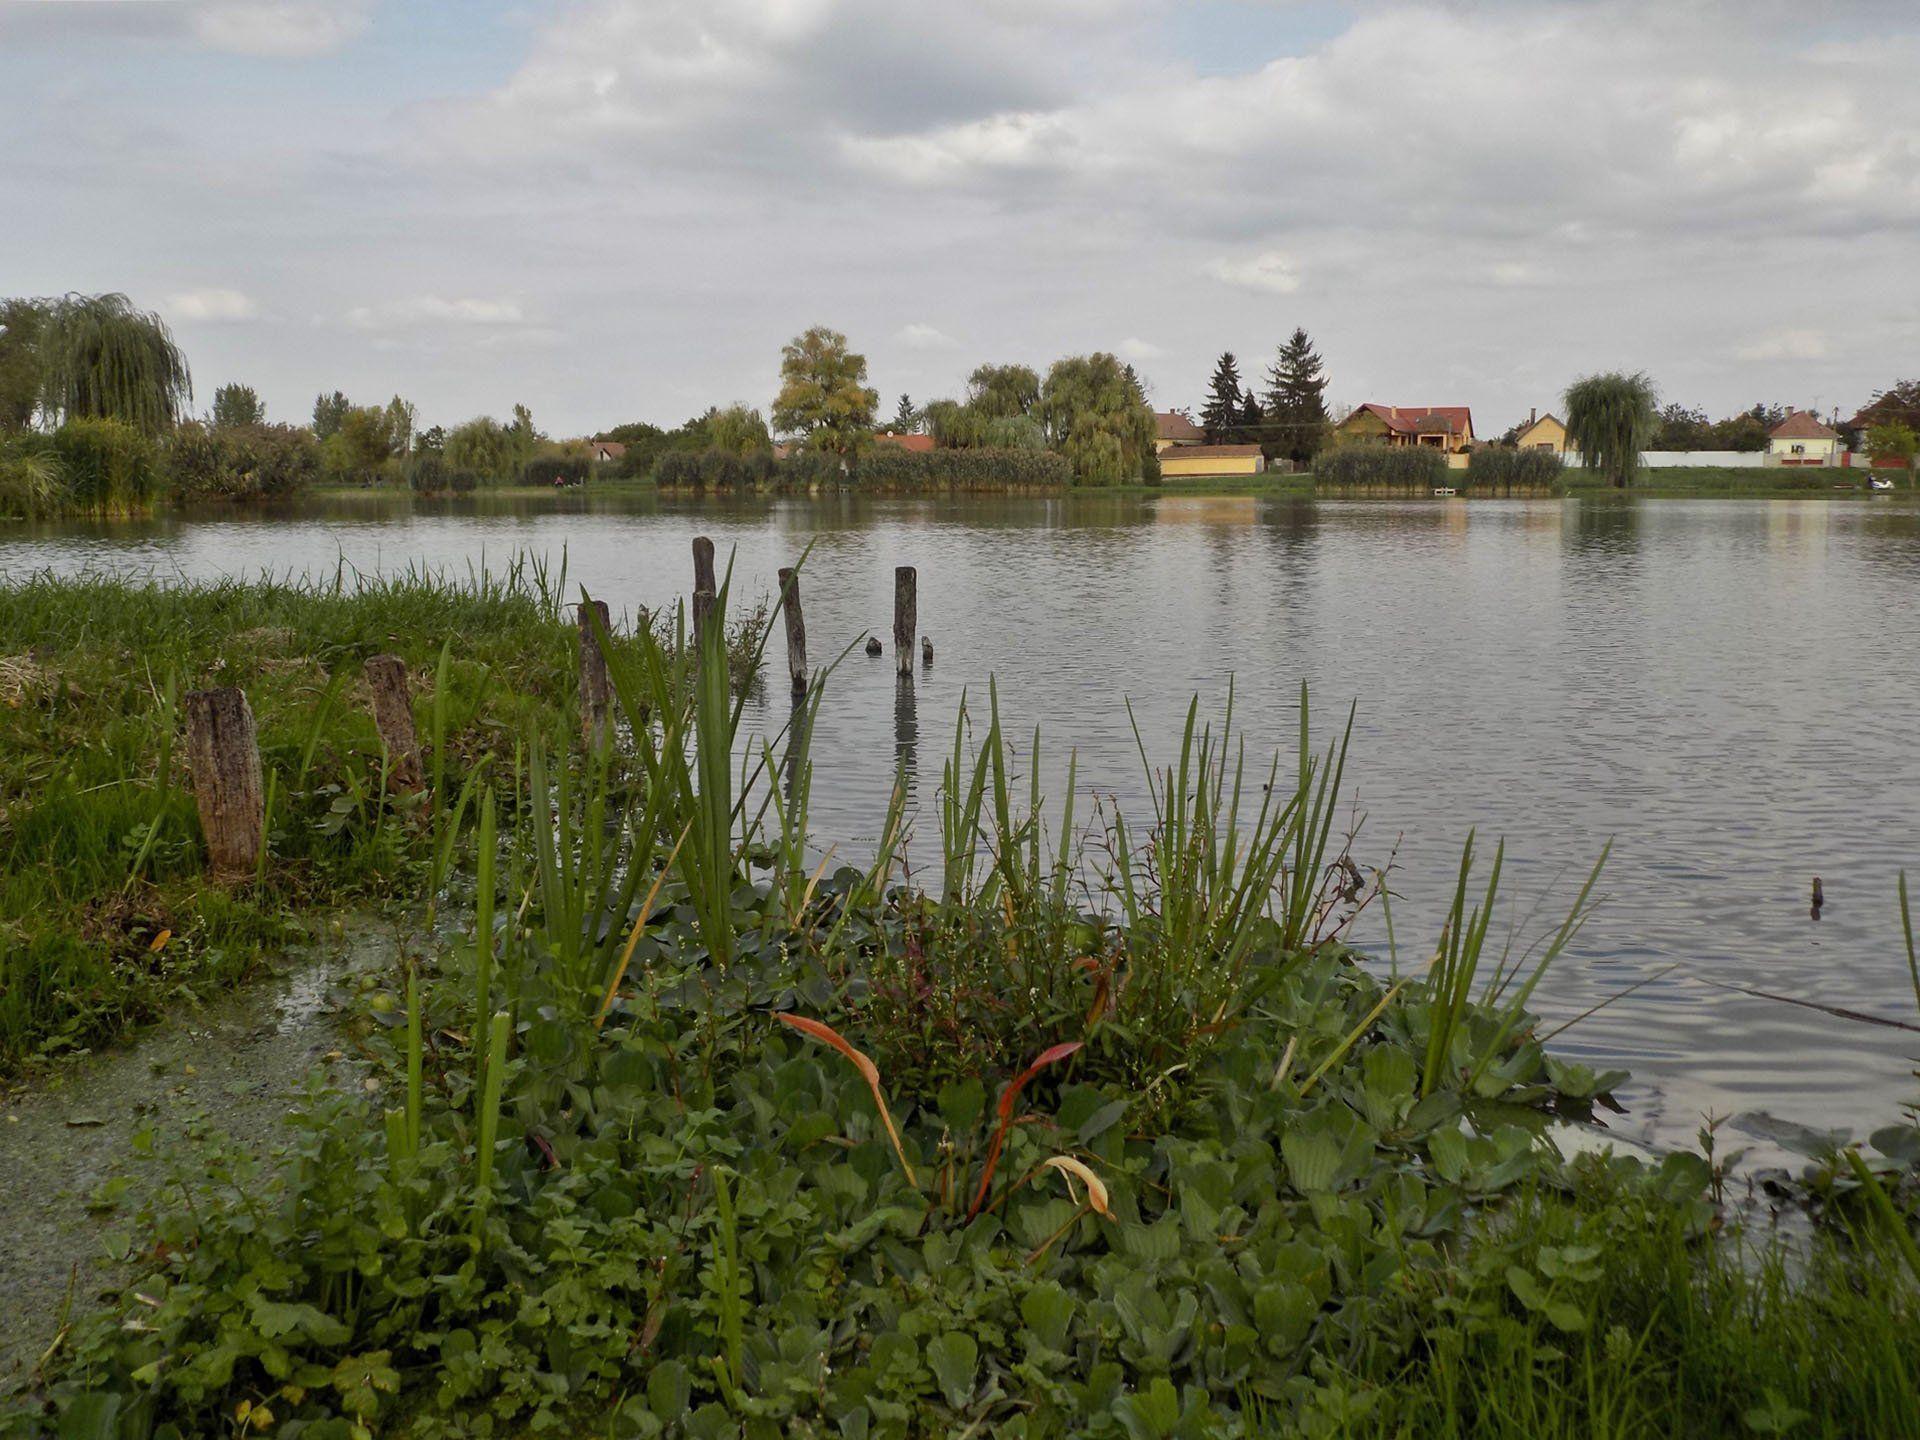 Egy remek horgászvíz a város kellős közepén! A part mentén rengeteg vízisaláta és vízijácint található, ami különös hangulatot kölcsönöz egy-egy merítés folyamán